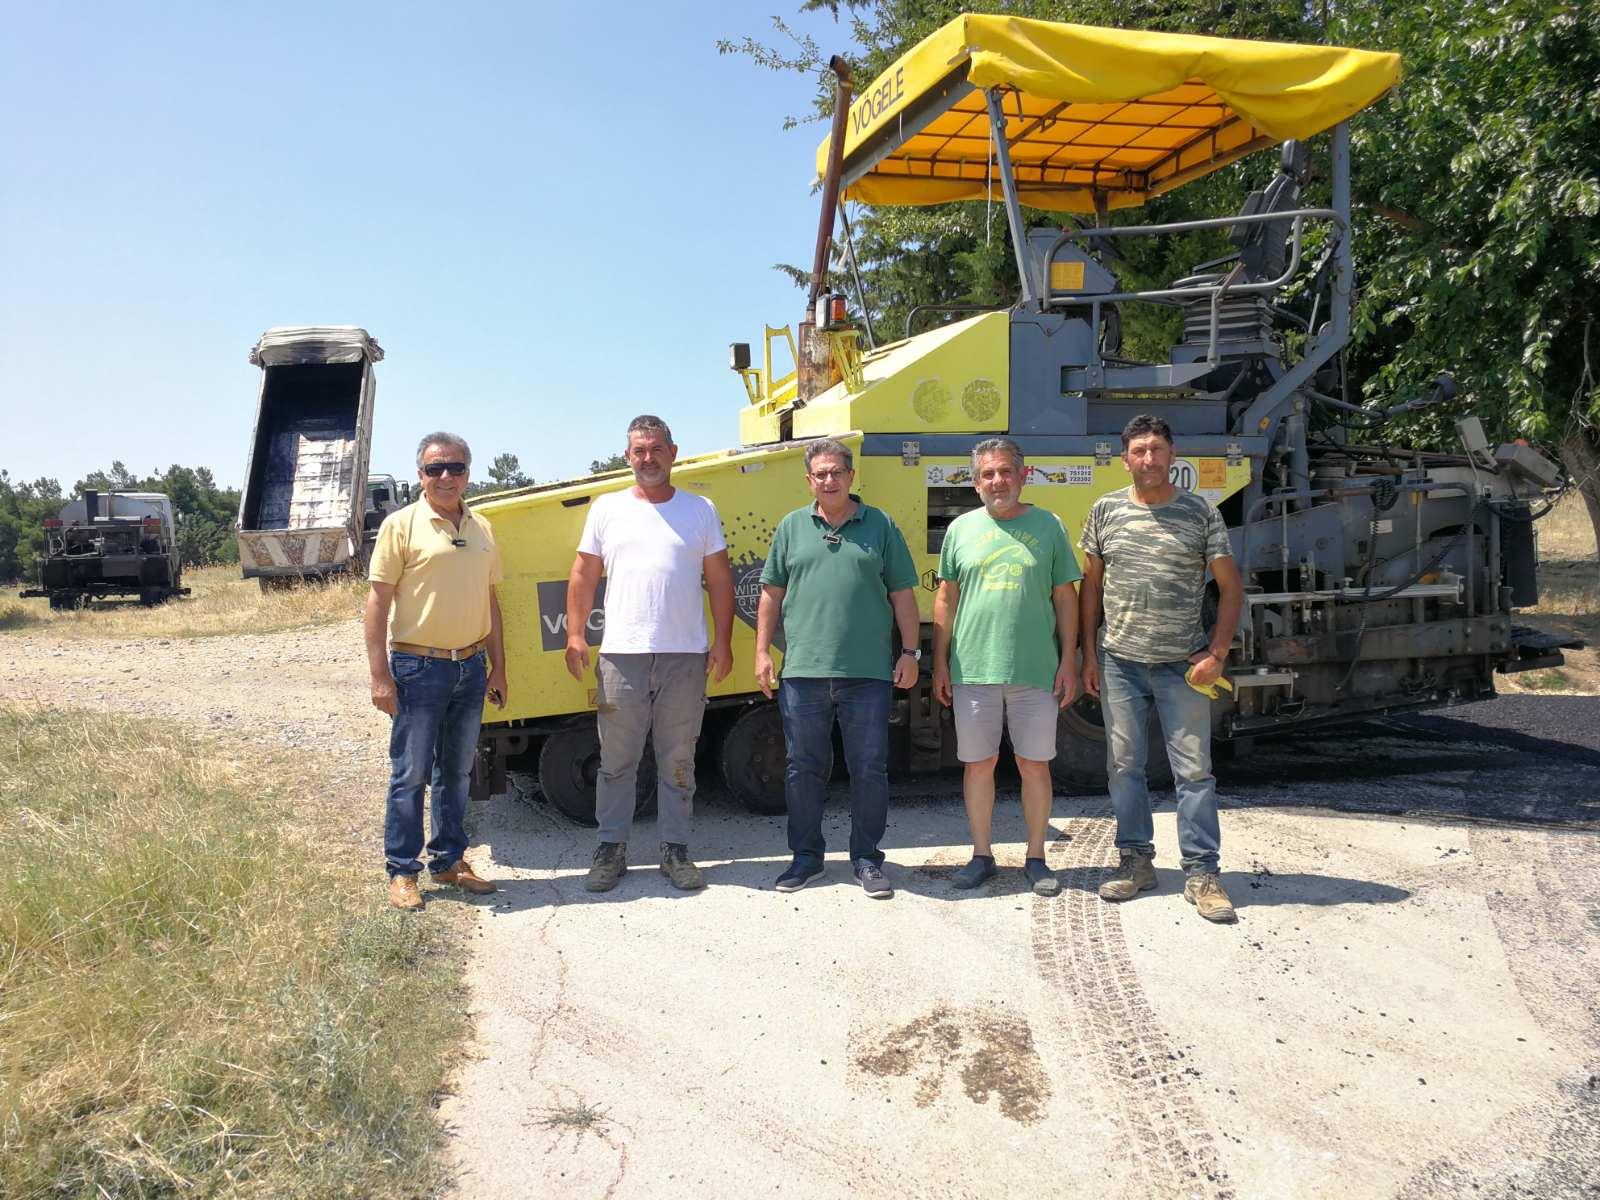 «Λίφτινγκ» στο εσωτερικό οδικό δίκτυο της επαρχίας Φαρσάλων από το Δήμο